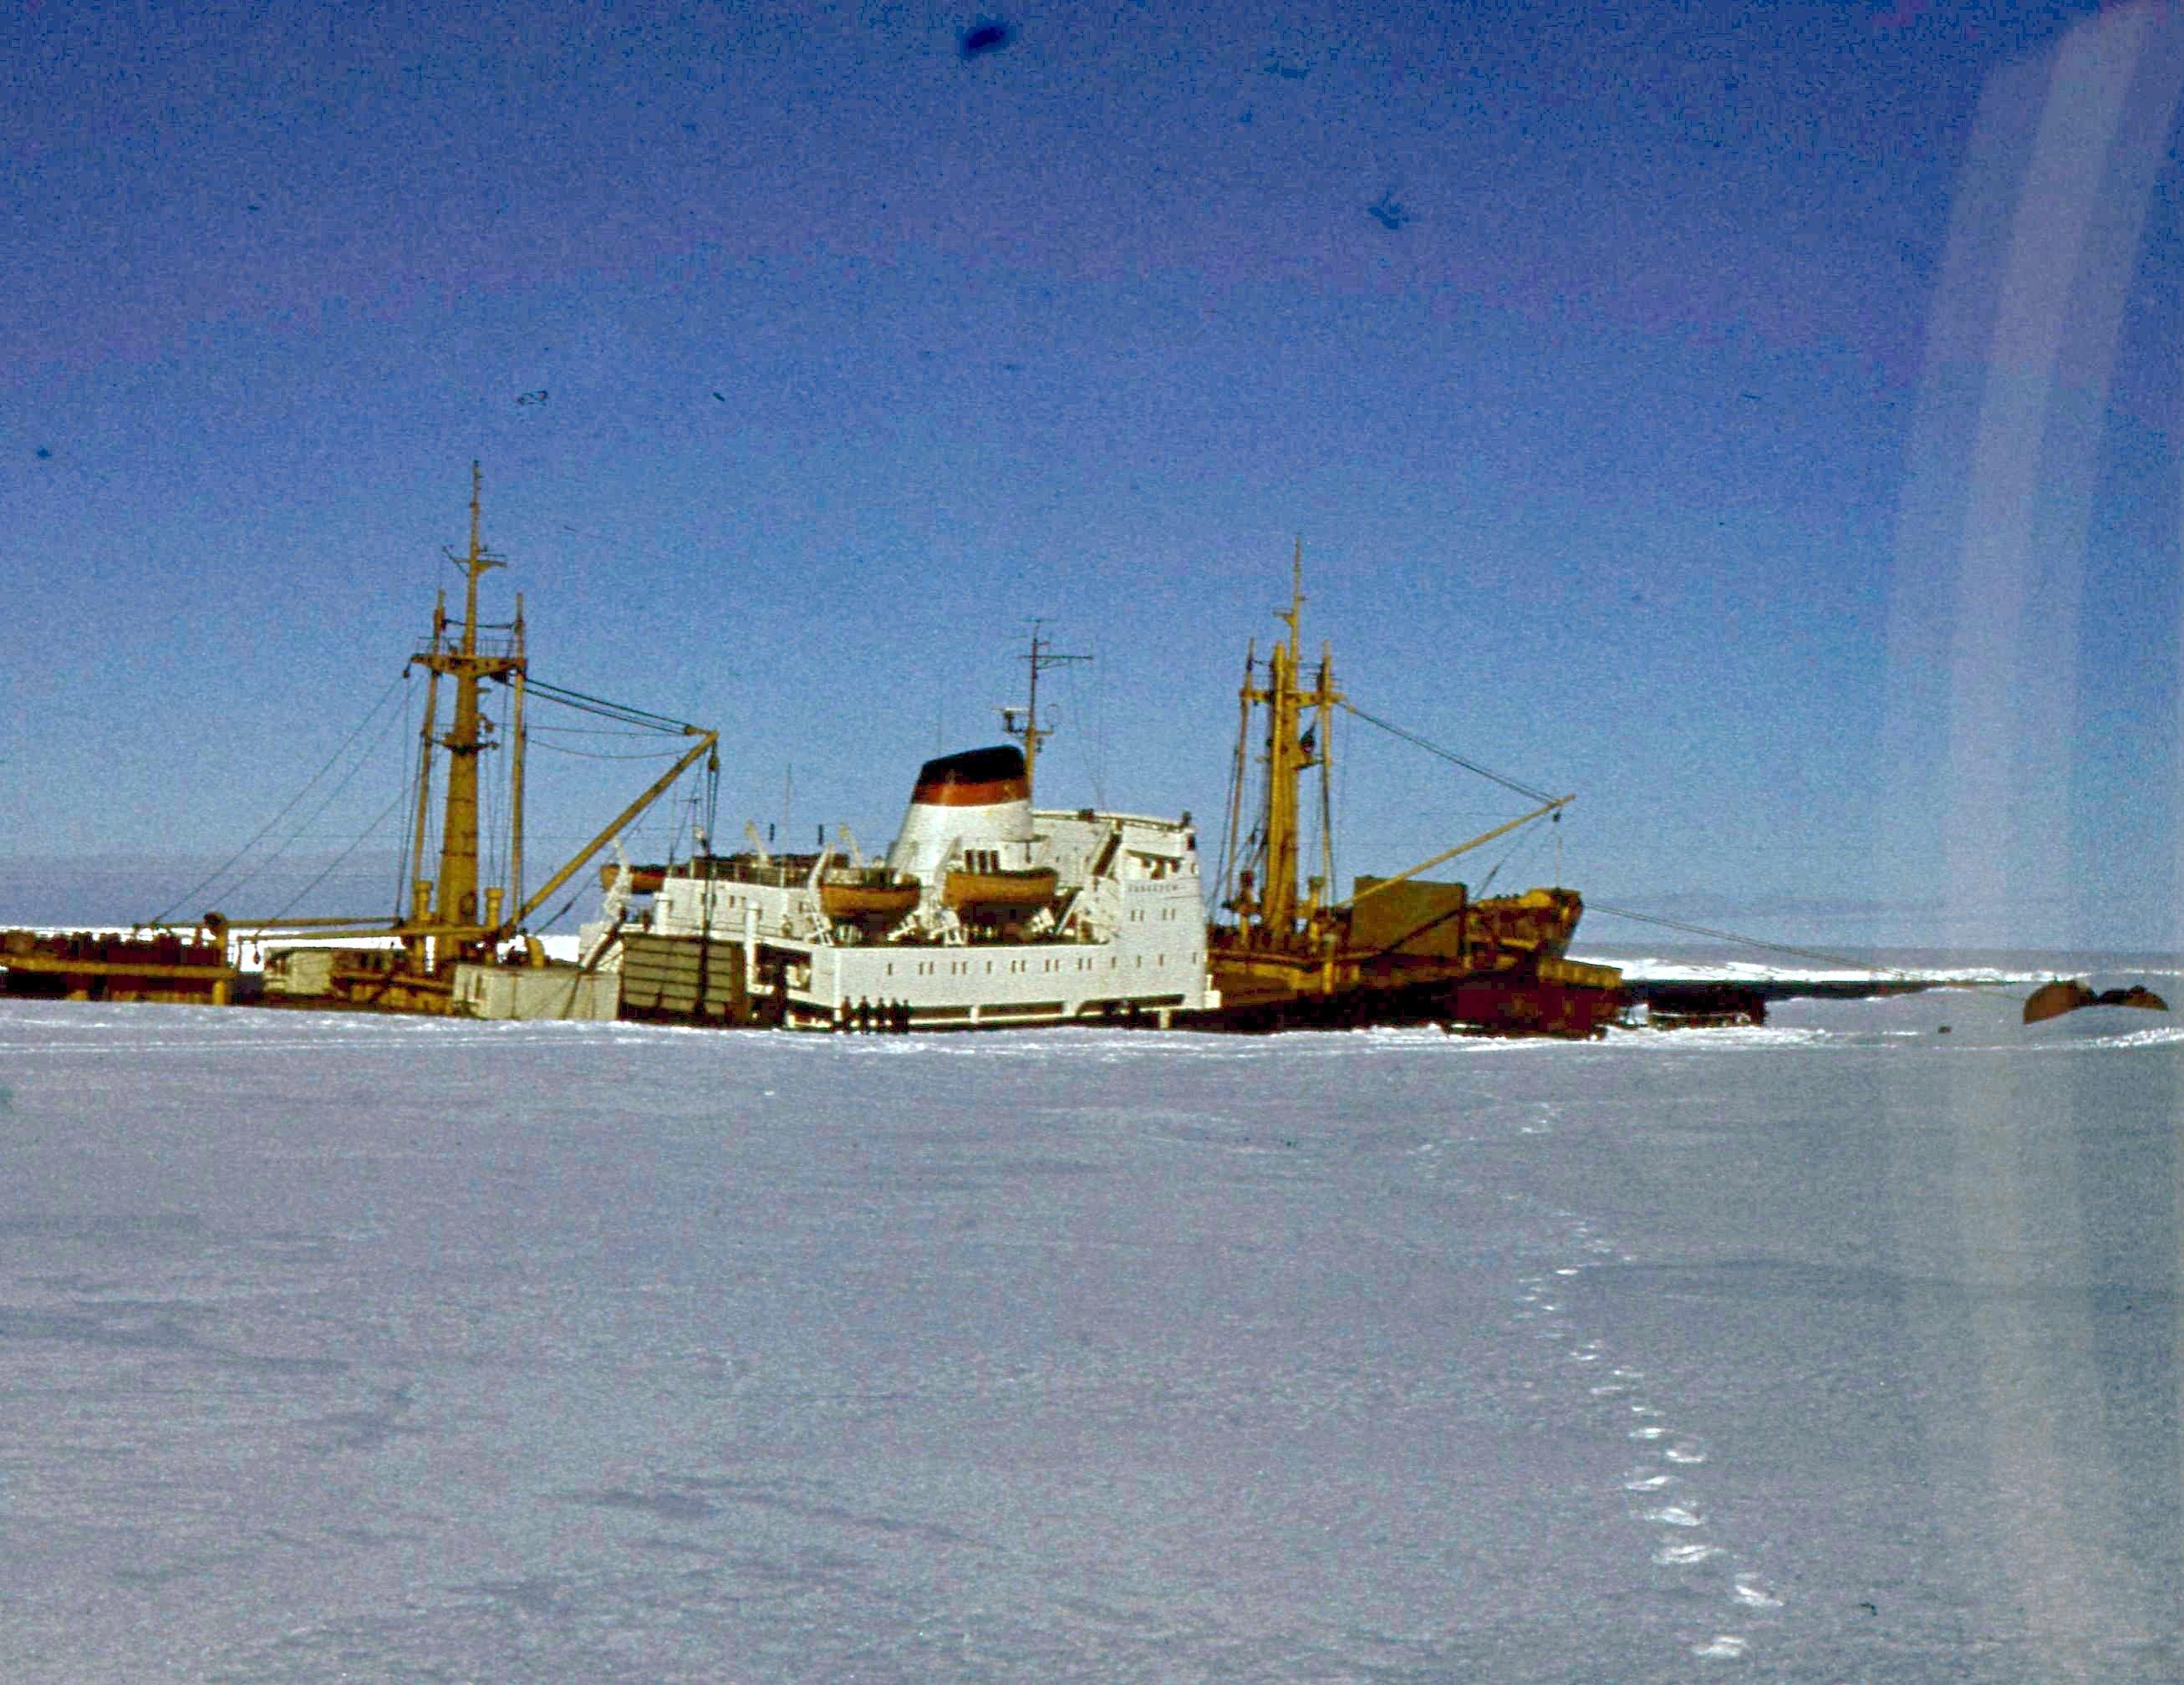 829623 Антарктическая станция _Молодёжная_.jpg